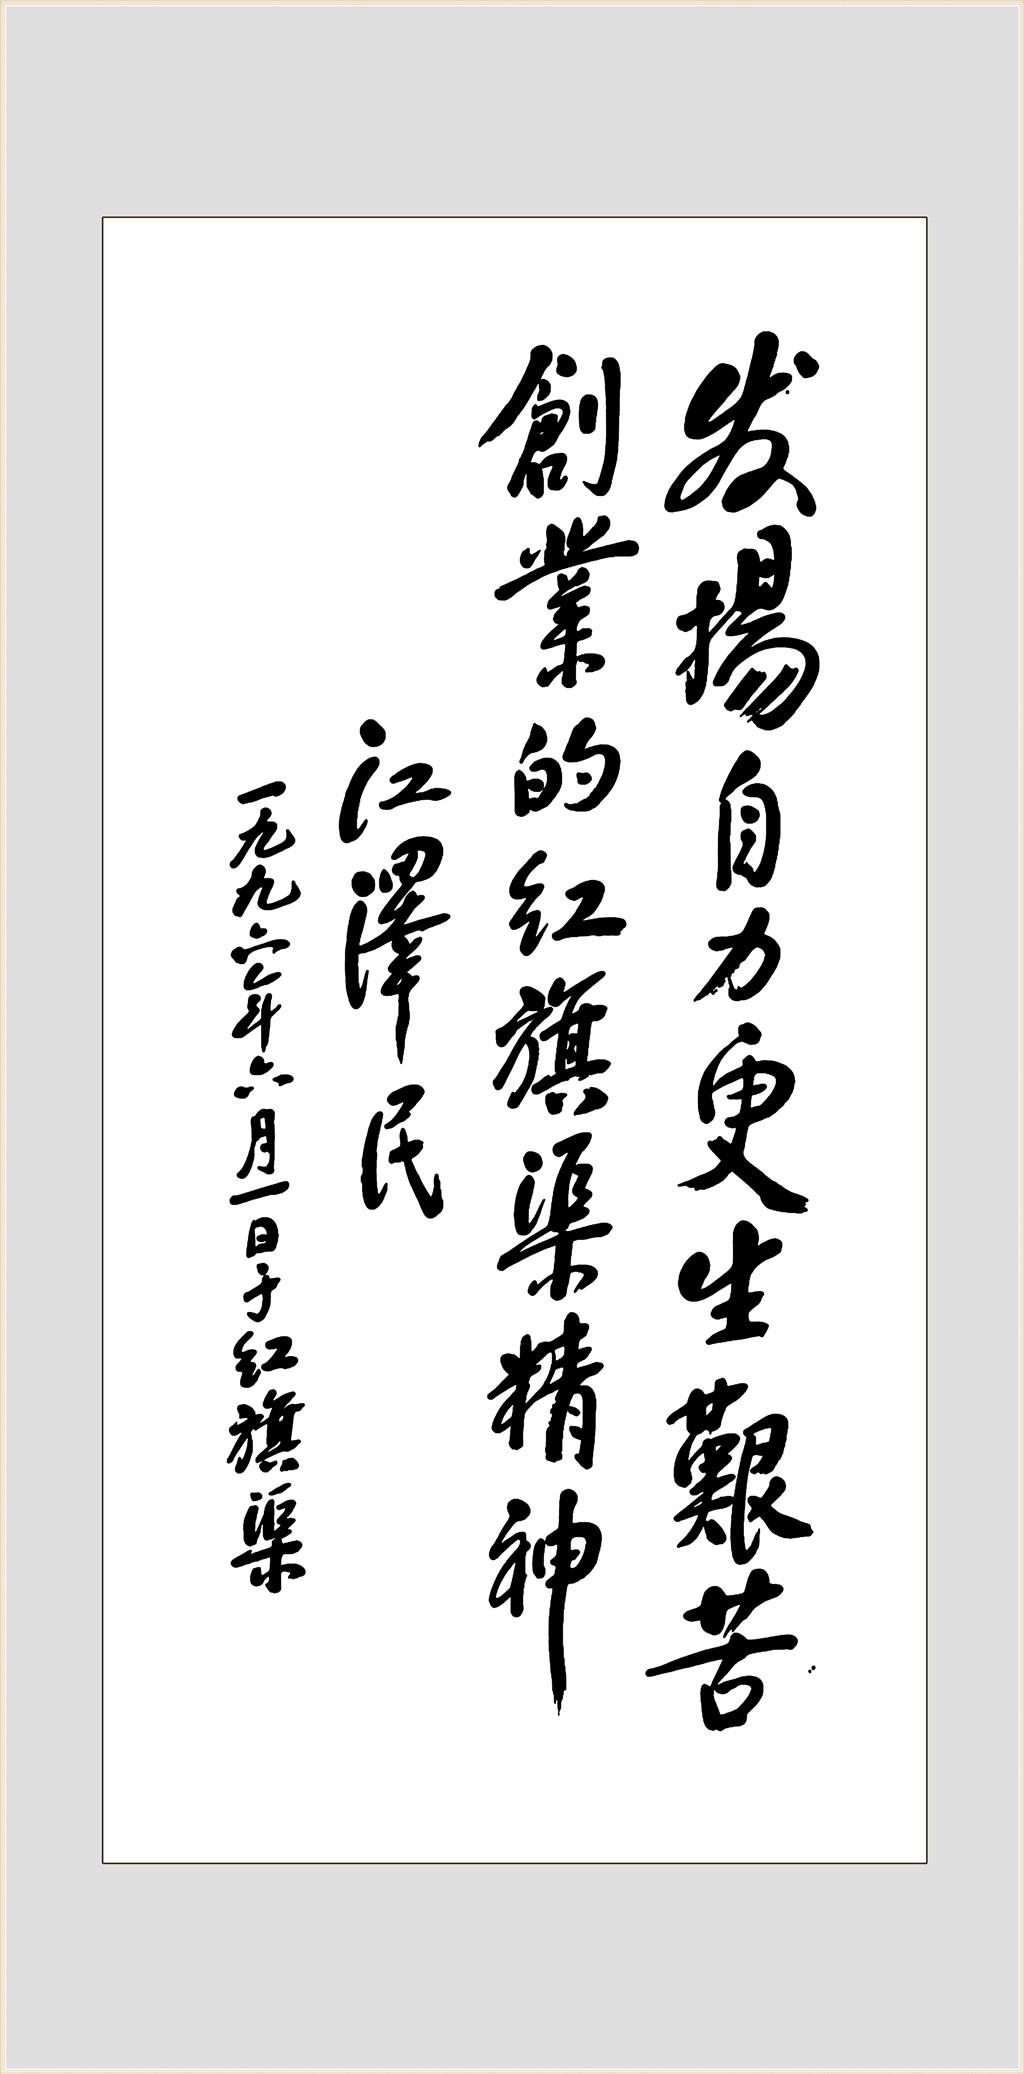 江泽民为红旗渠题词是什么?